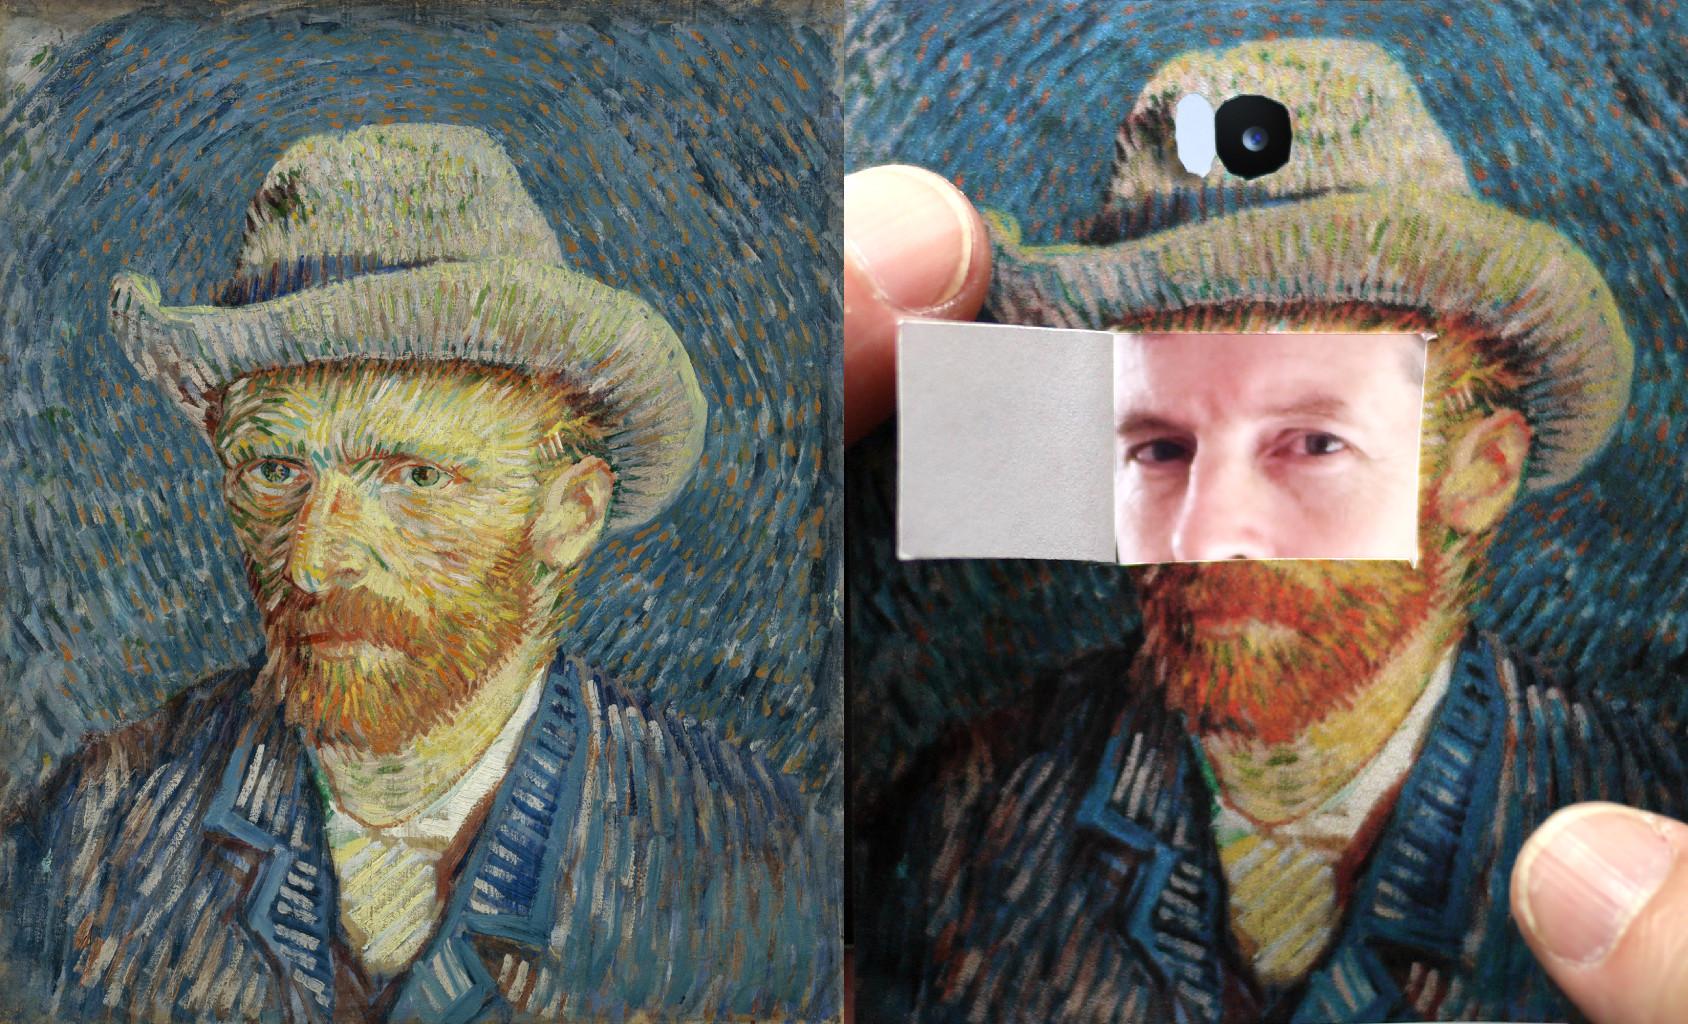 Self-Portrait with Grey Felt Hat, Vincent van Gogh (1853-1890) vanGo'd by Michael Edson